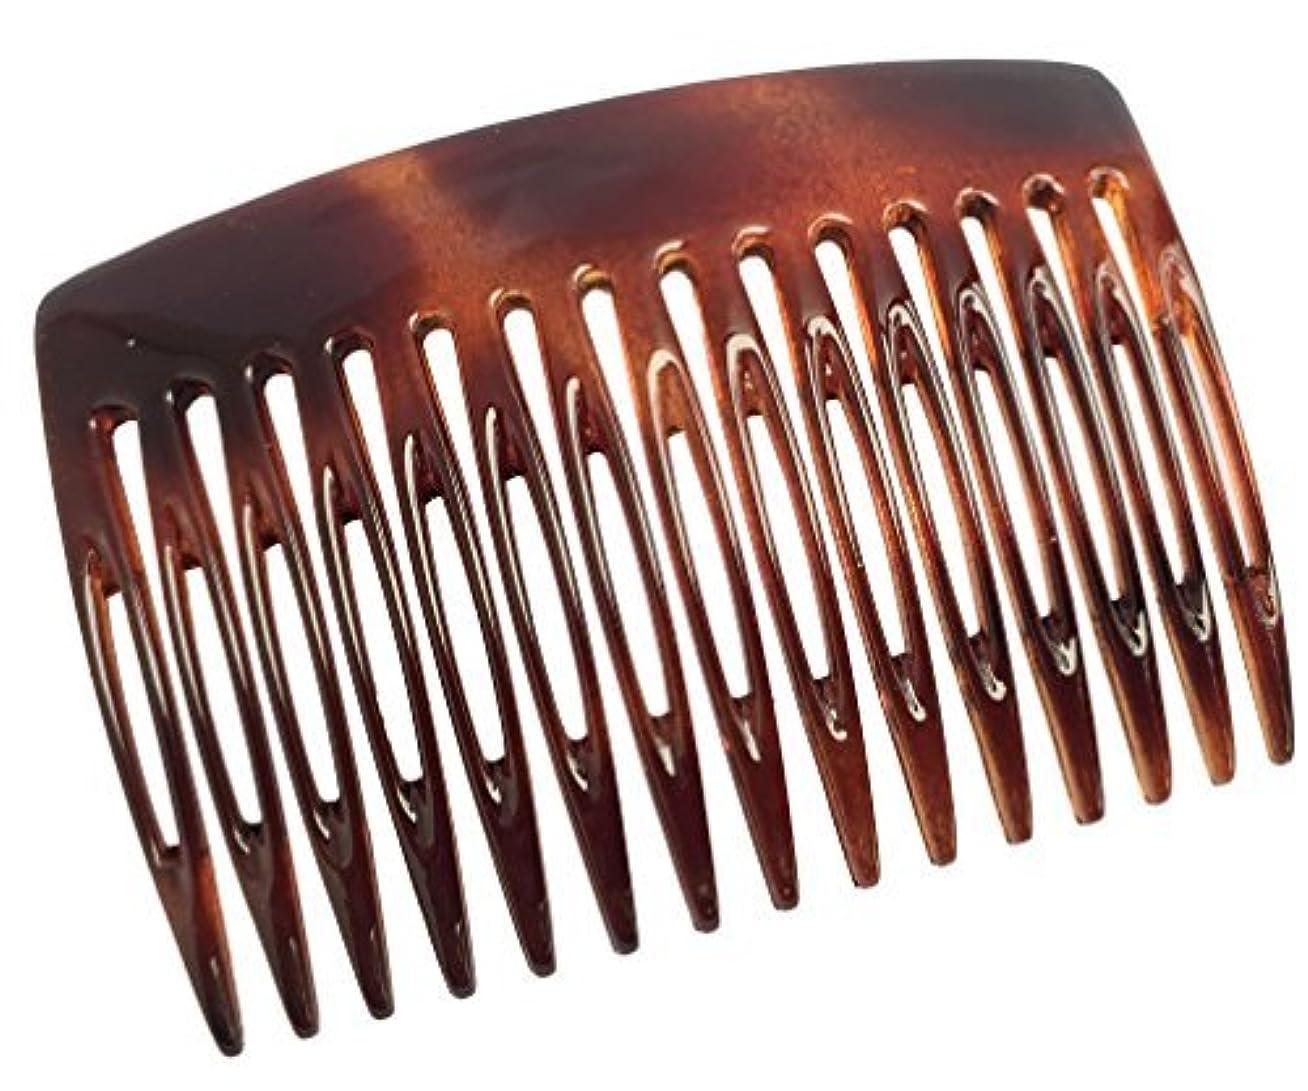 対抗地震証明Parcelona French Nice N Simple 2 Pieces Cellulose Tortoise Shell 7 Cm Side Hair Comb Combs [並行輸入品]